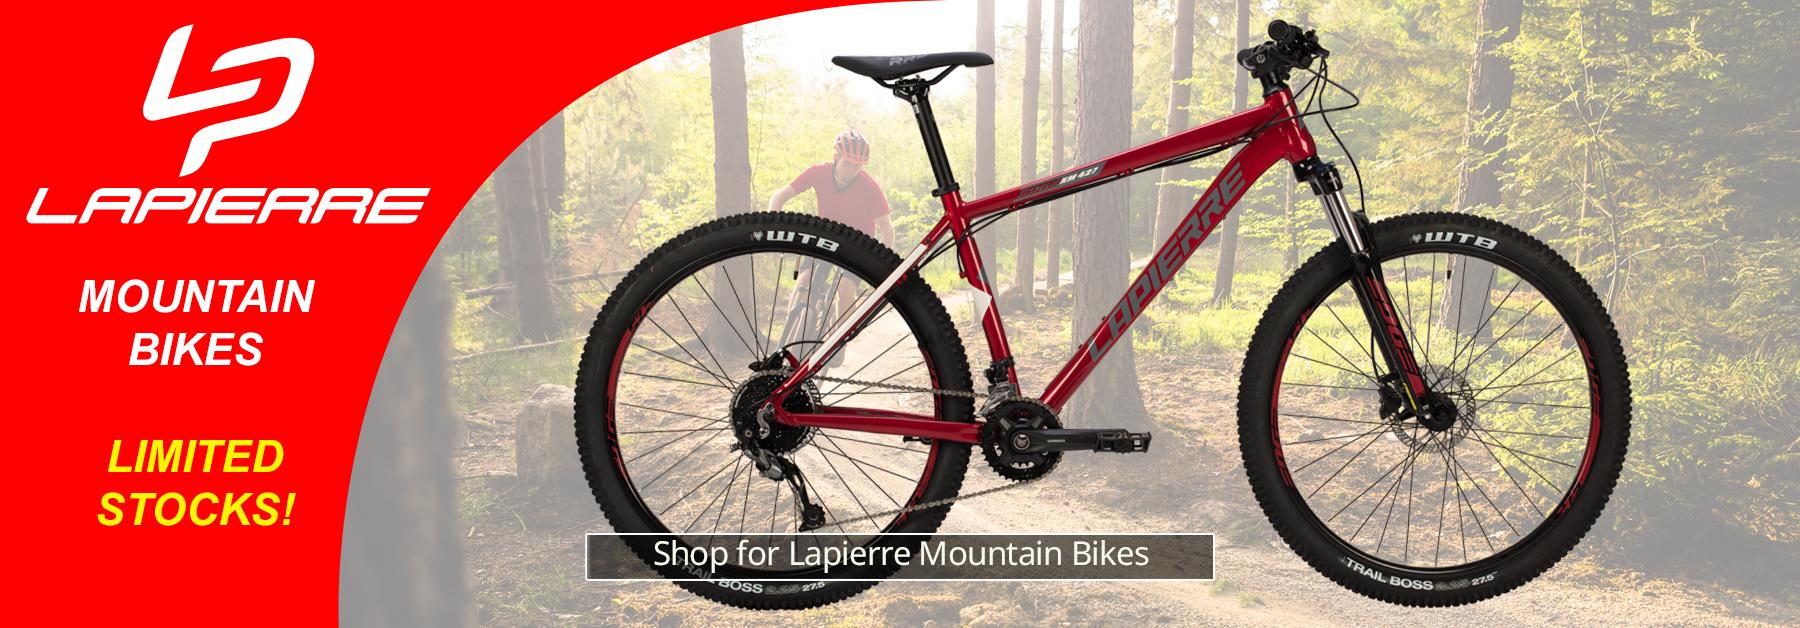 Lapierre Mountain Bikes - Limited Stocks